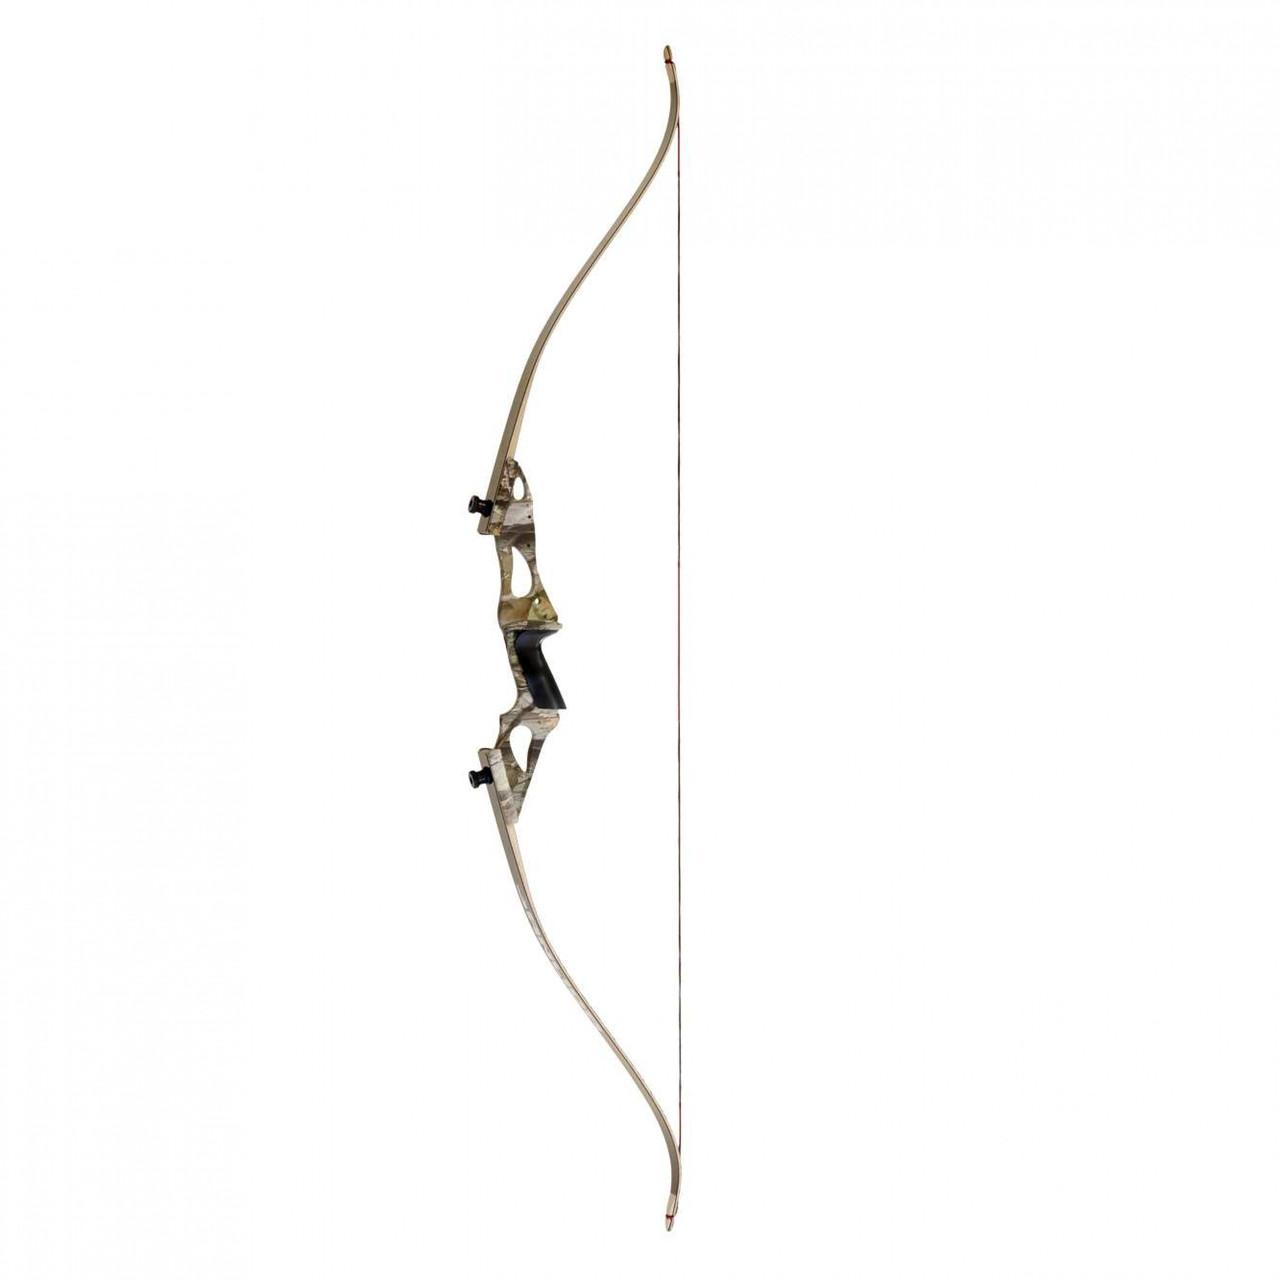 Лук Jandao-58-35-Camo Hunting